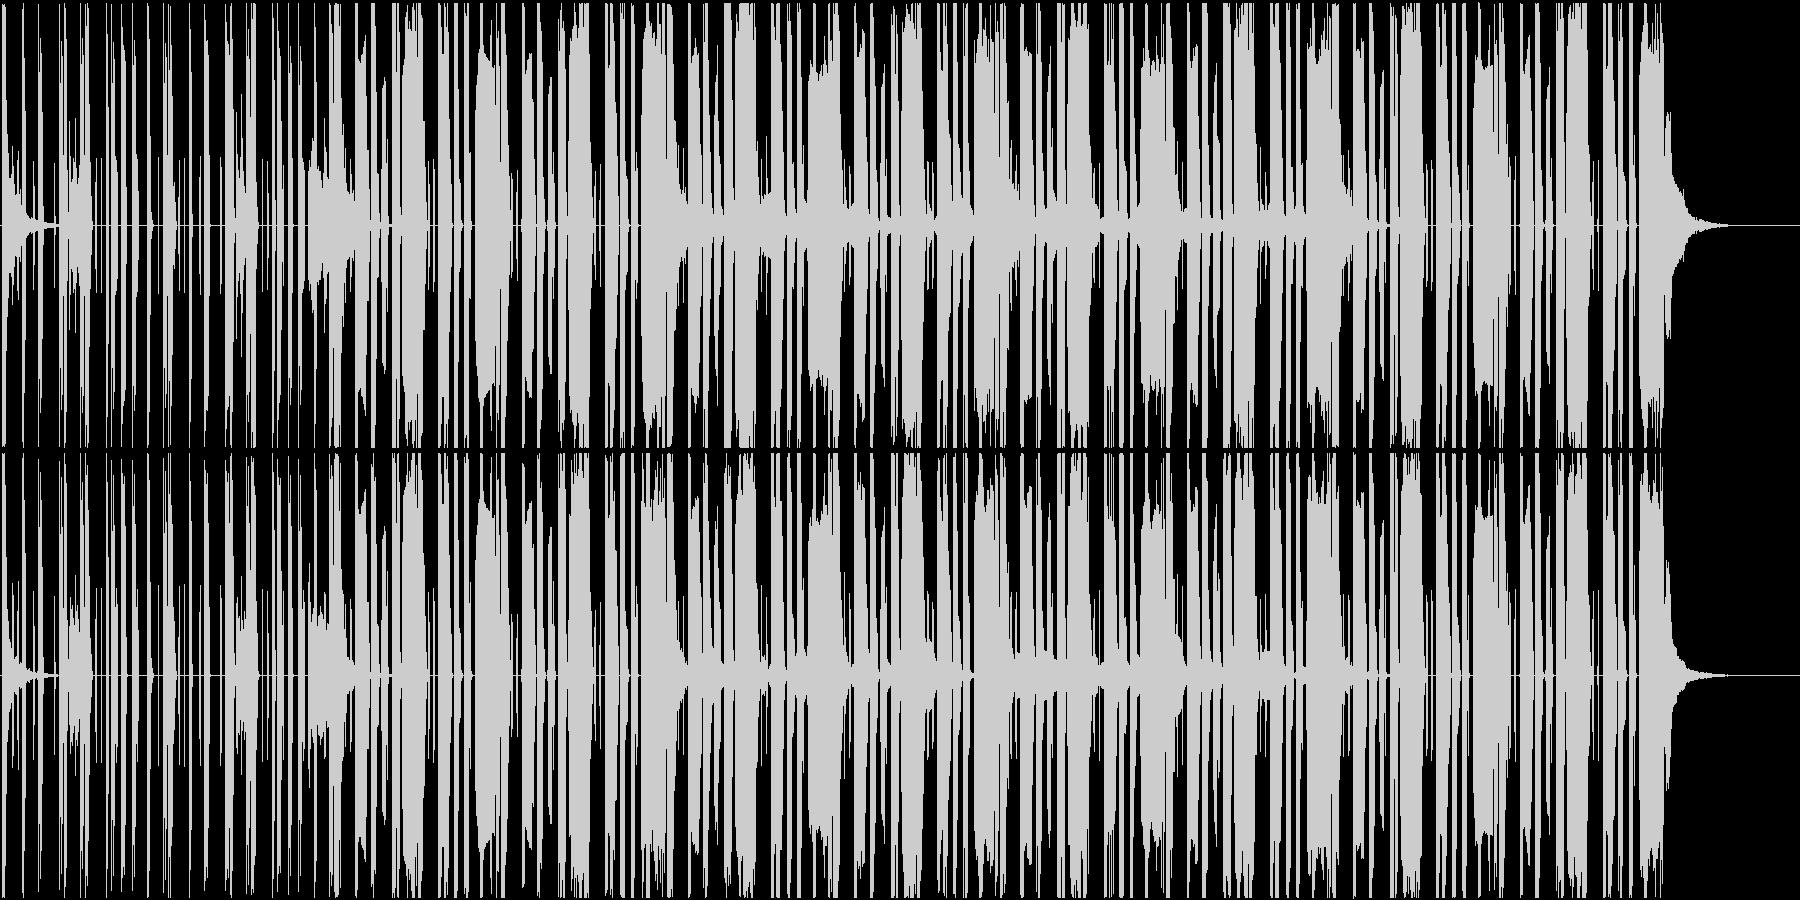 Lofiな雰囲気のhiphop系楽曲の未再生の波形